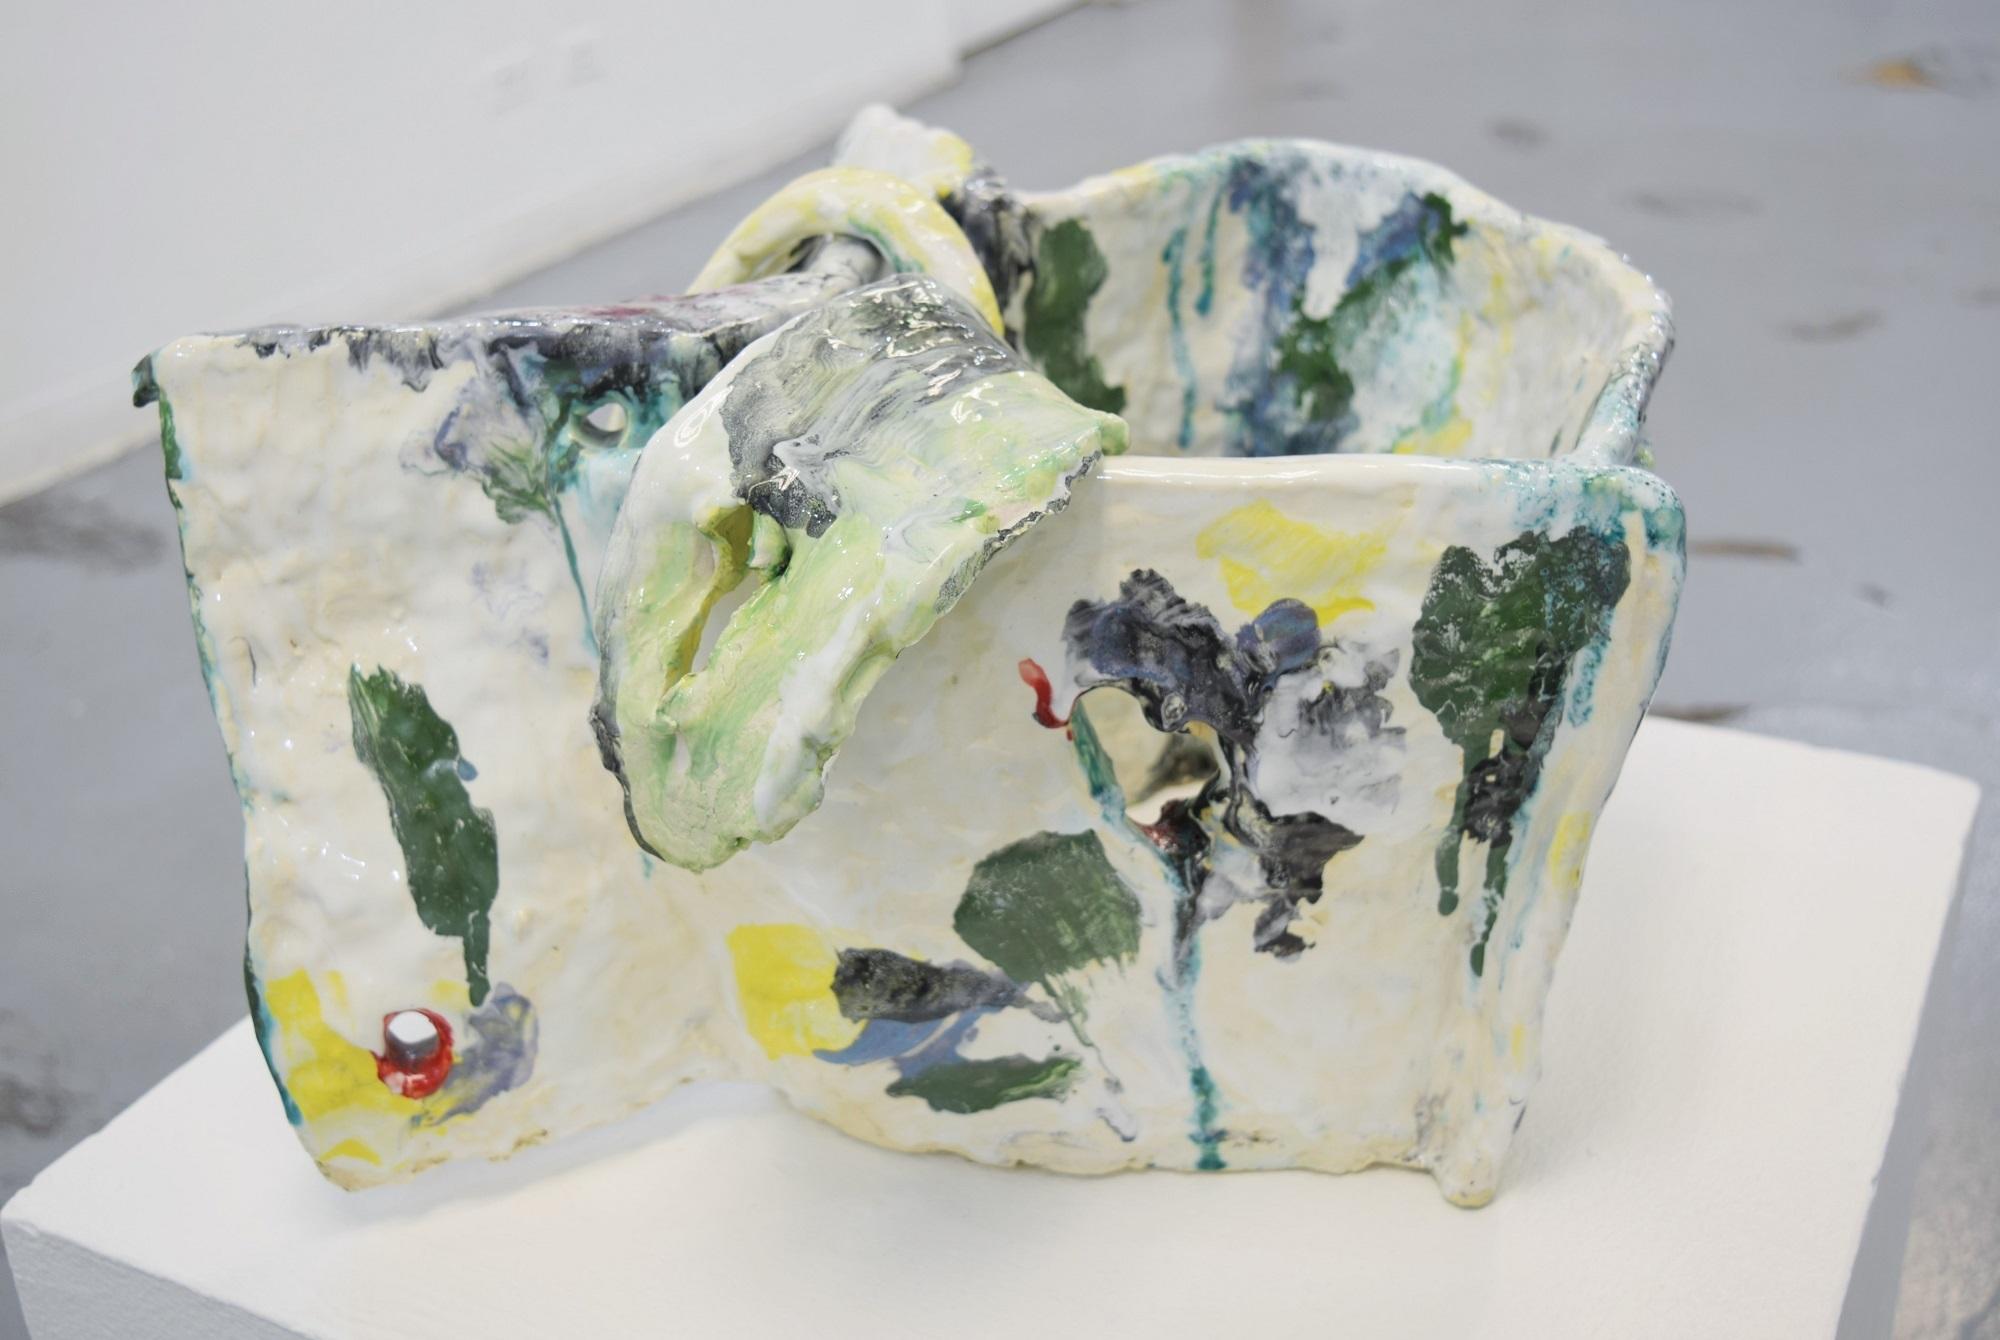 Deborah Handler,  with tongues , 2011, ceramic, dimensions variable